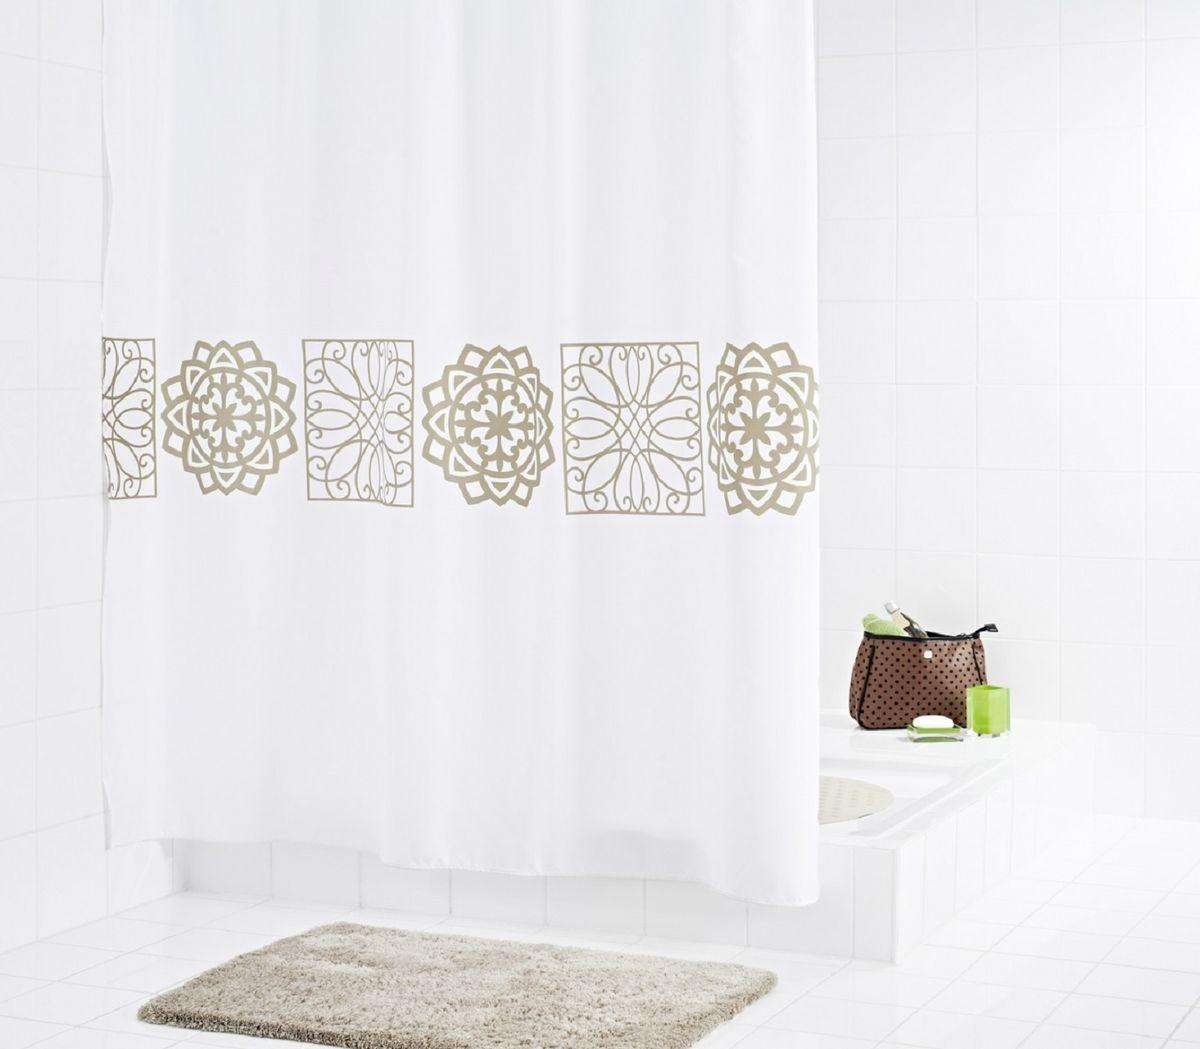 Штора для ванной комнаты Ridder Tunis, цвет: бежевый, коричневый, 180 х 200 см стакан для ванной комнаты ridder stone цвет бежевый